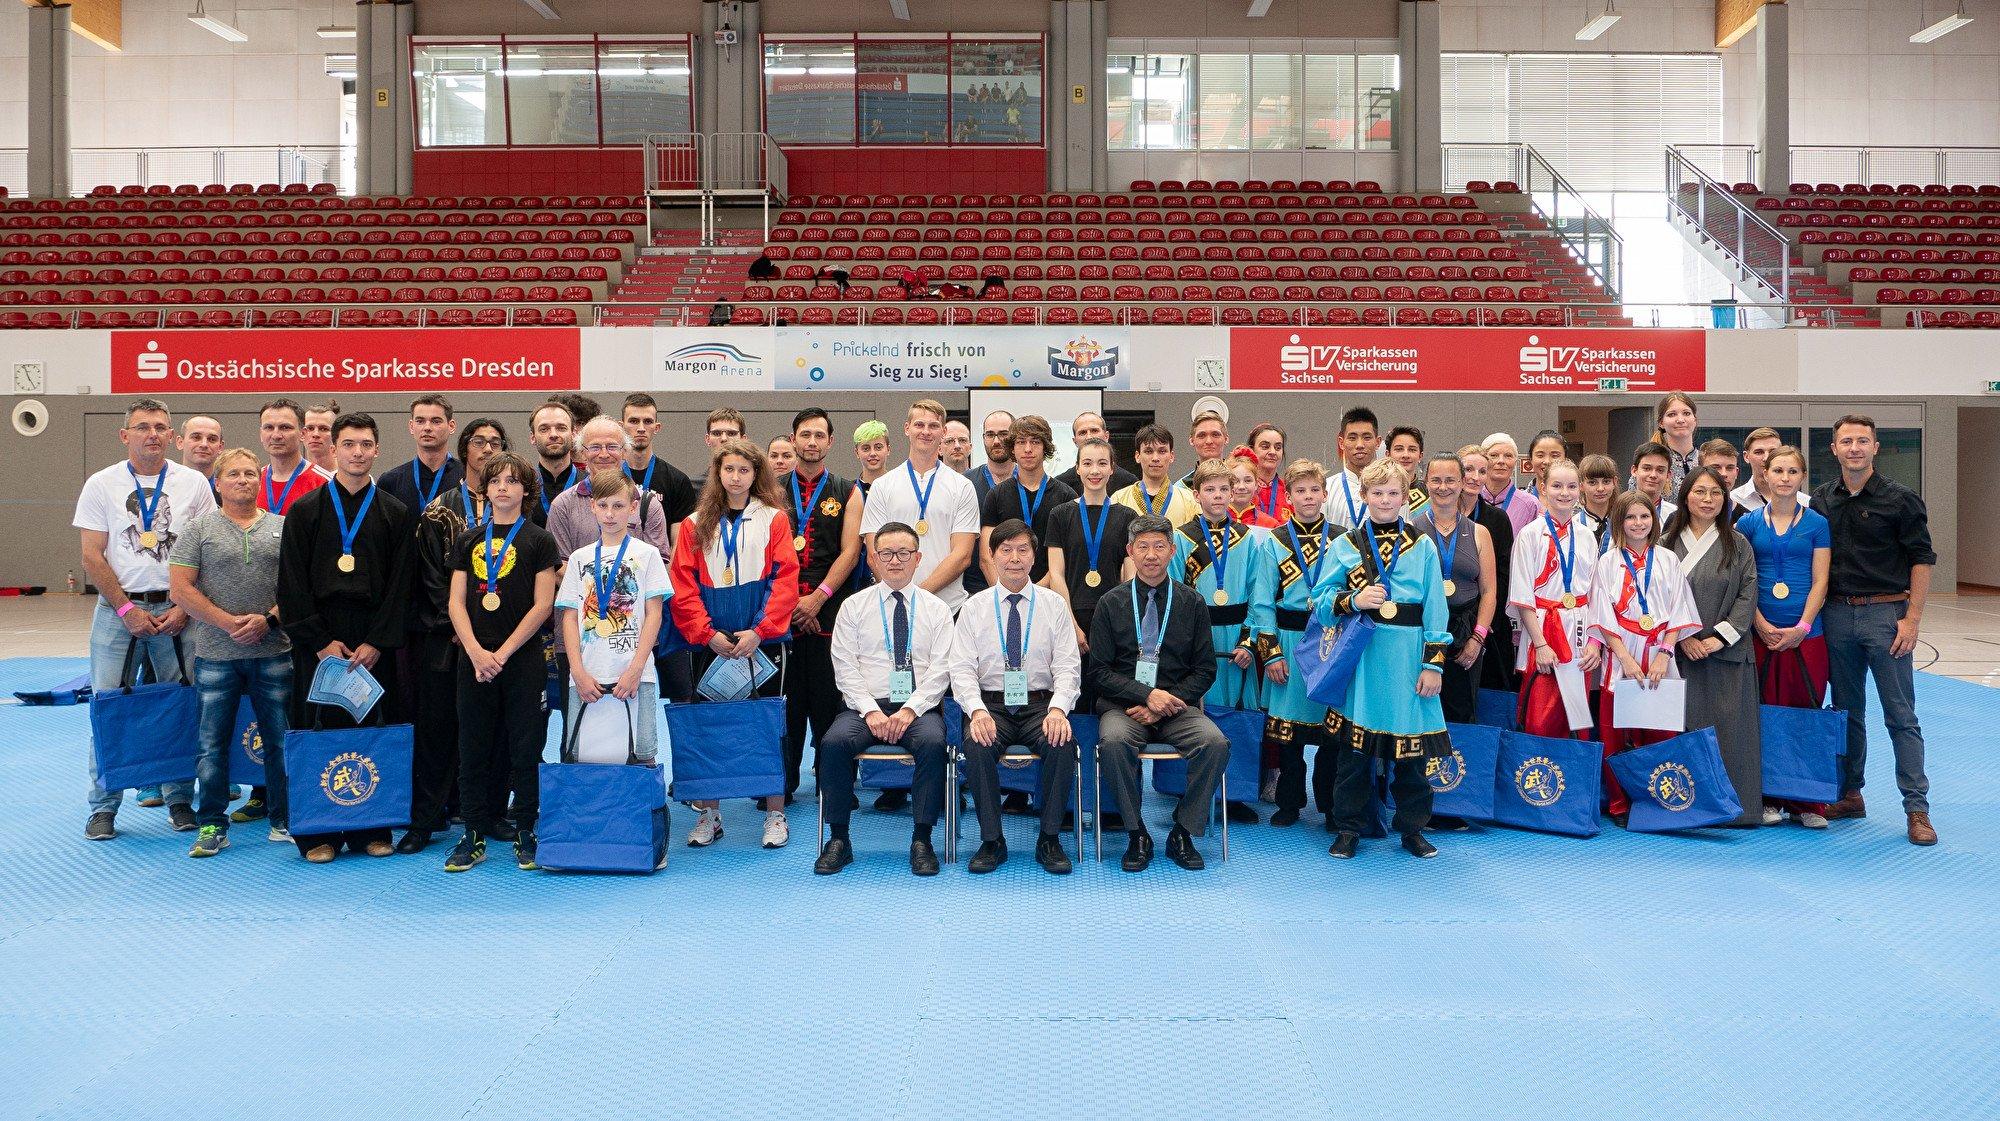 6月1日,第六屆新唐人全世界武術大賽歐洲初賽在德國古城德累斯頓順利落幕,圖為評委與選手合照。(張清颻/大紀元)